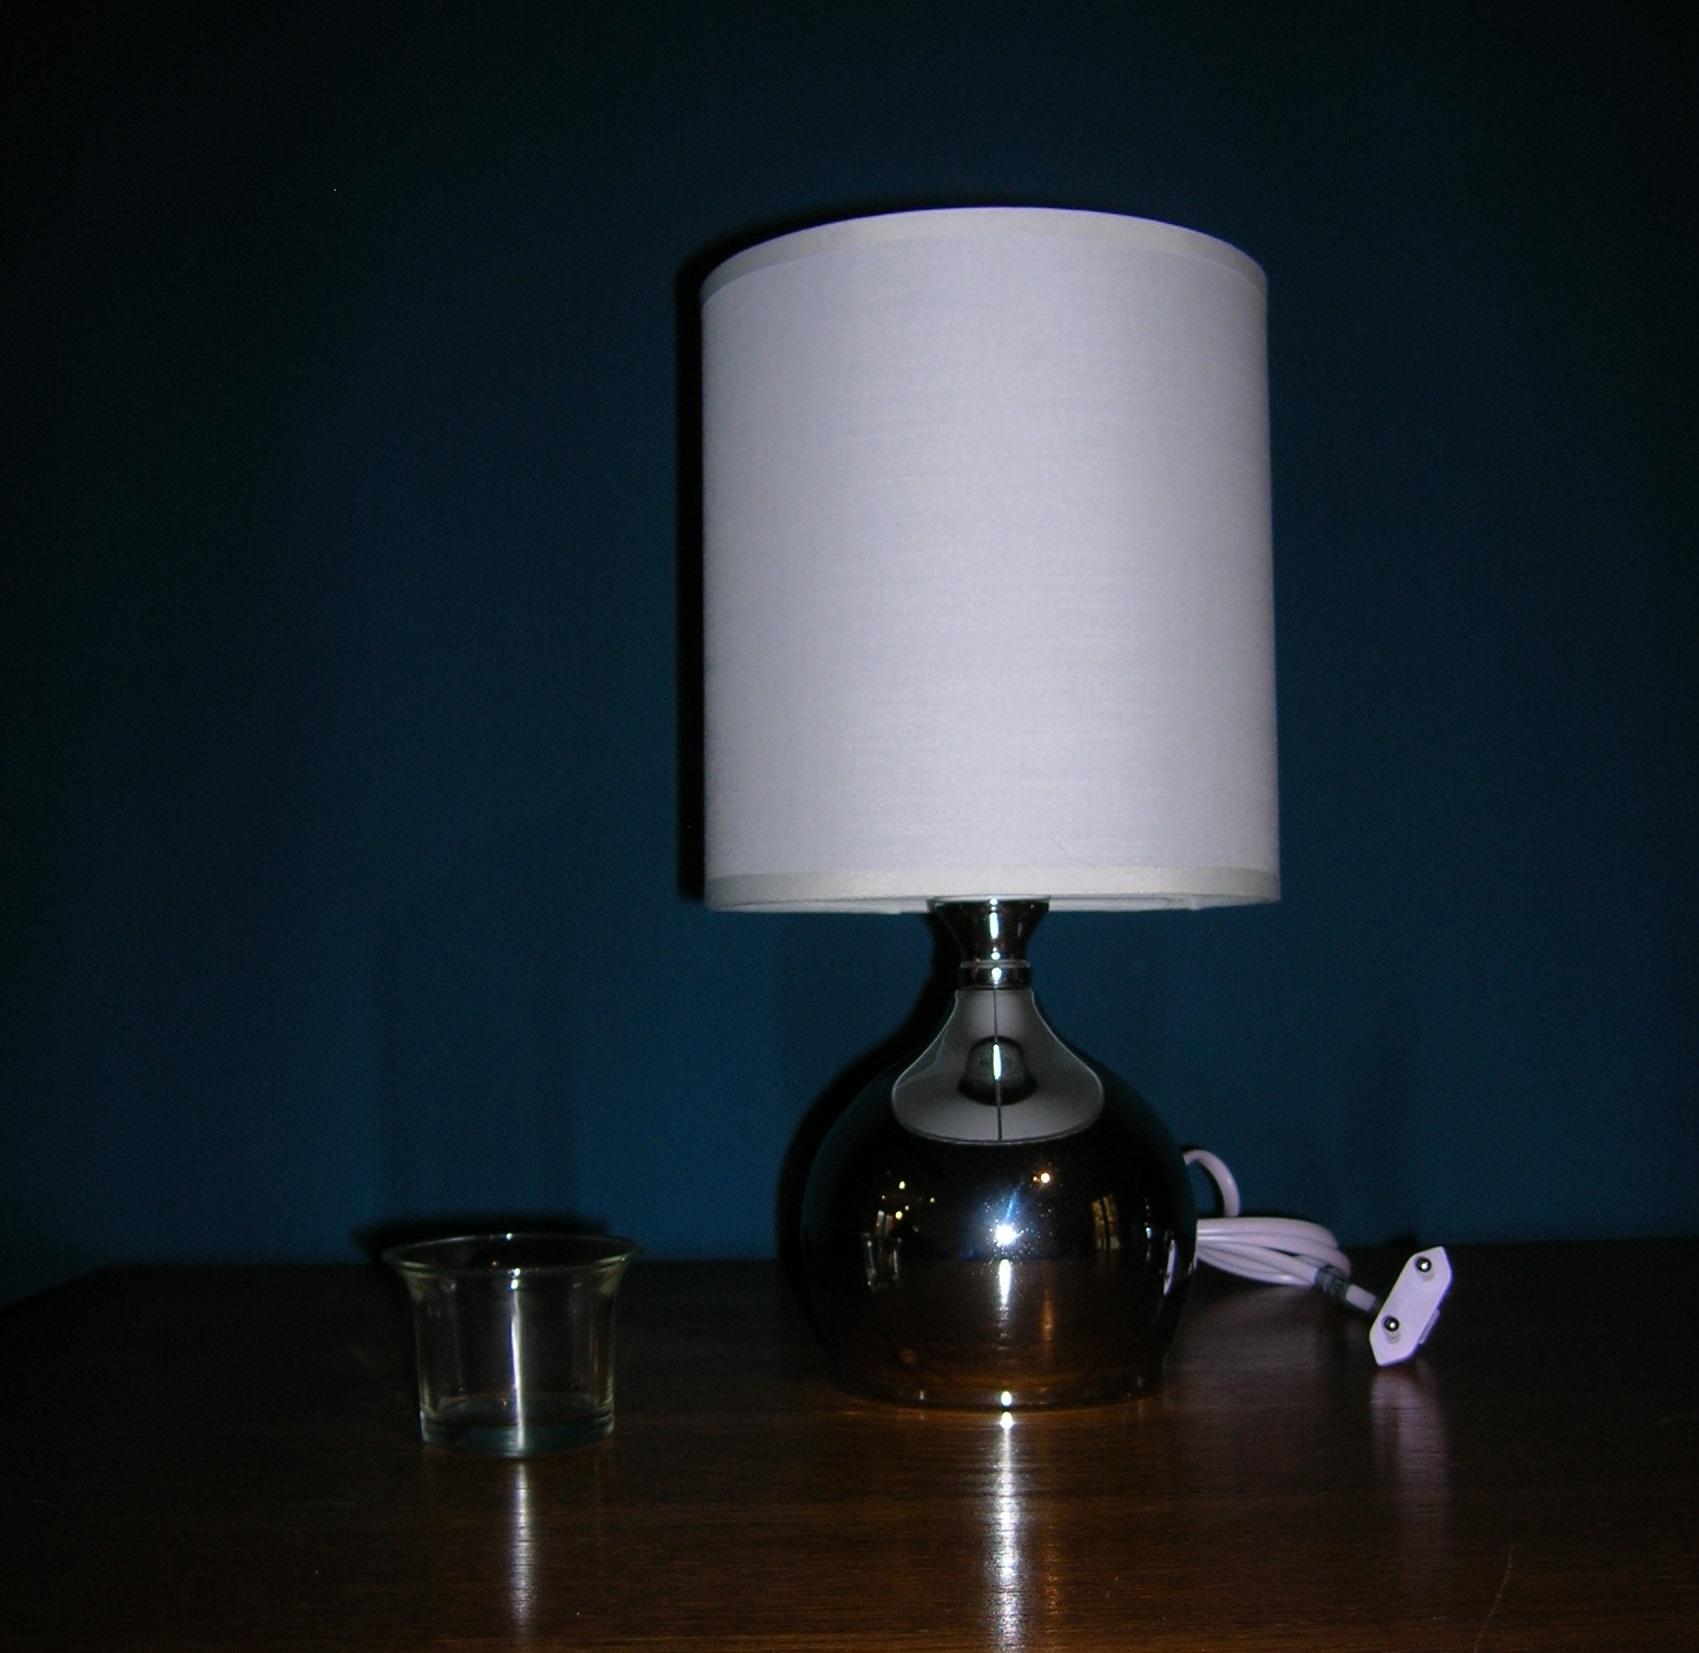 Lampe de chevet Tactile Blanche